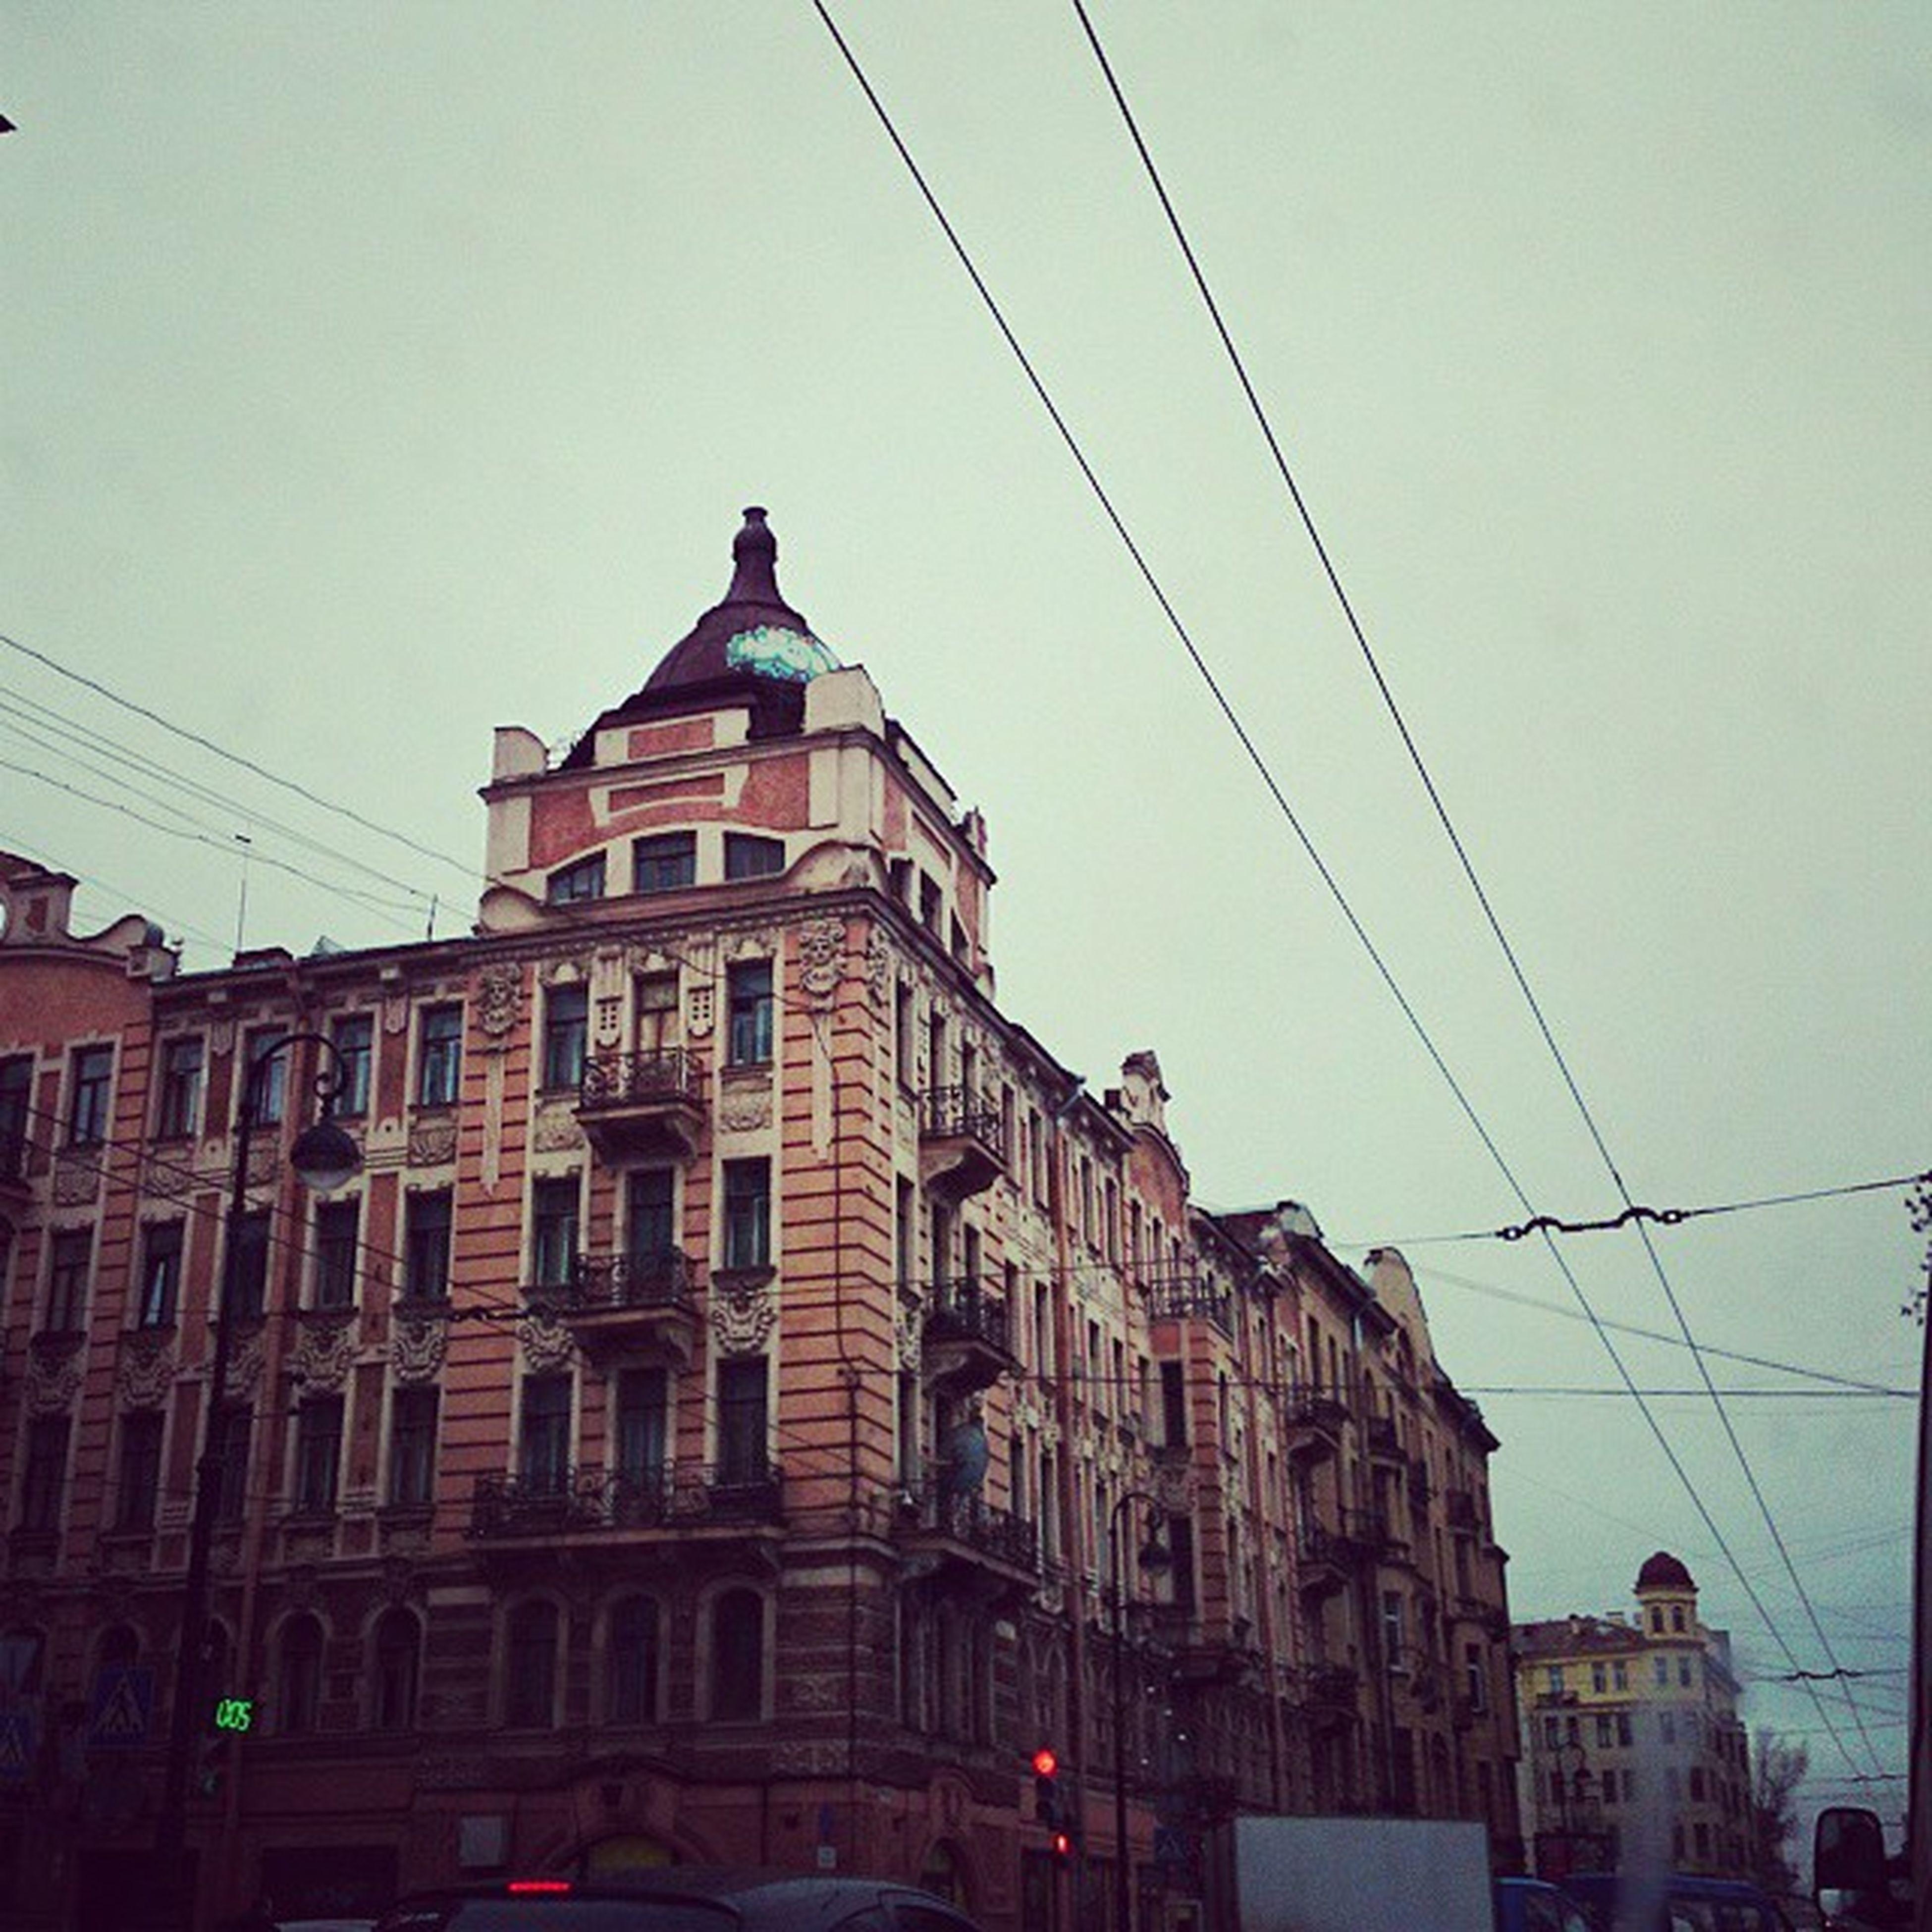 Не устаю восхищаться этим городом. петербург люблюпитер любимыйгород Питер спб instalike instapic instadaily singulariat